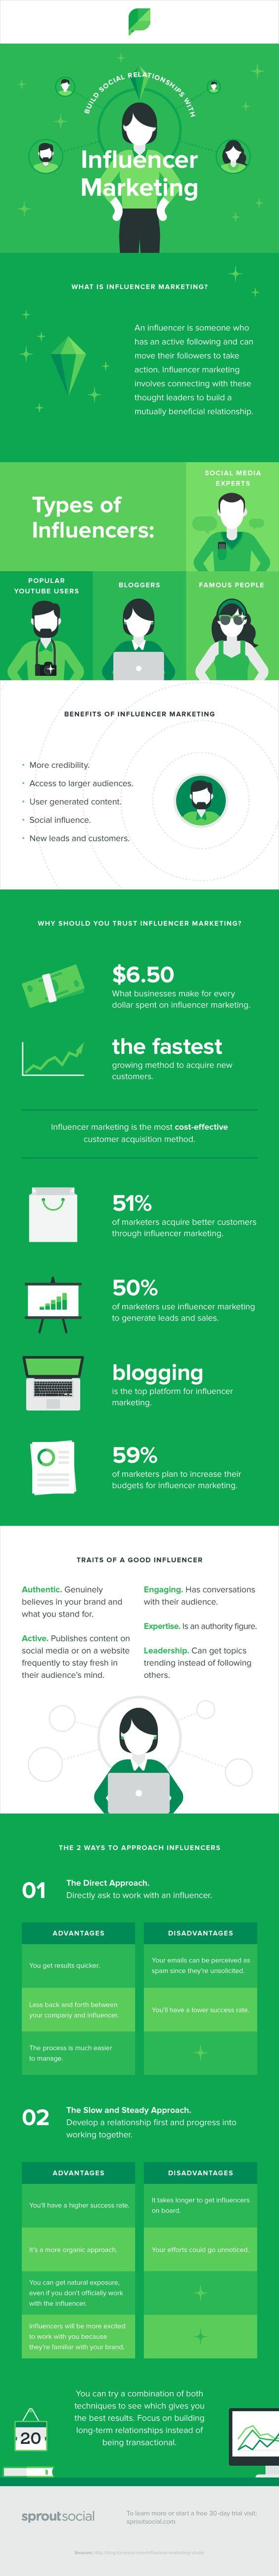 influencer marketingg